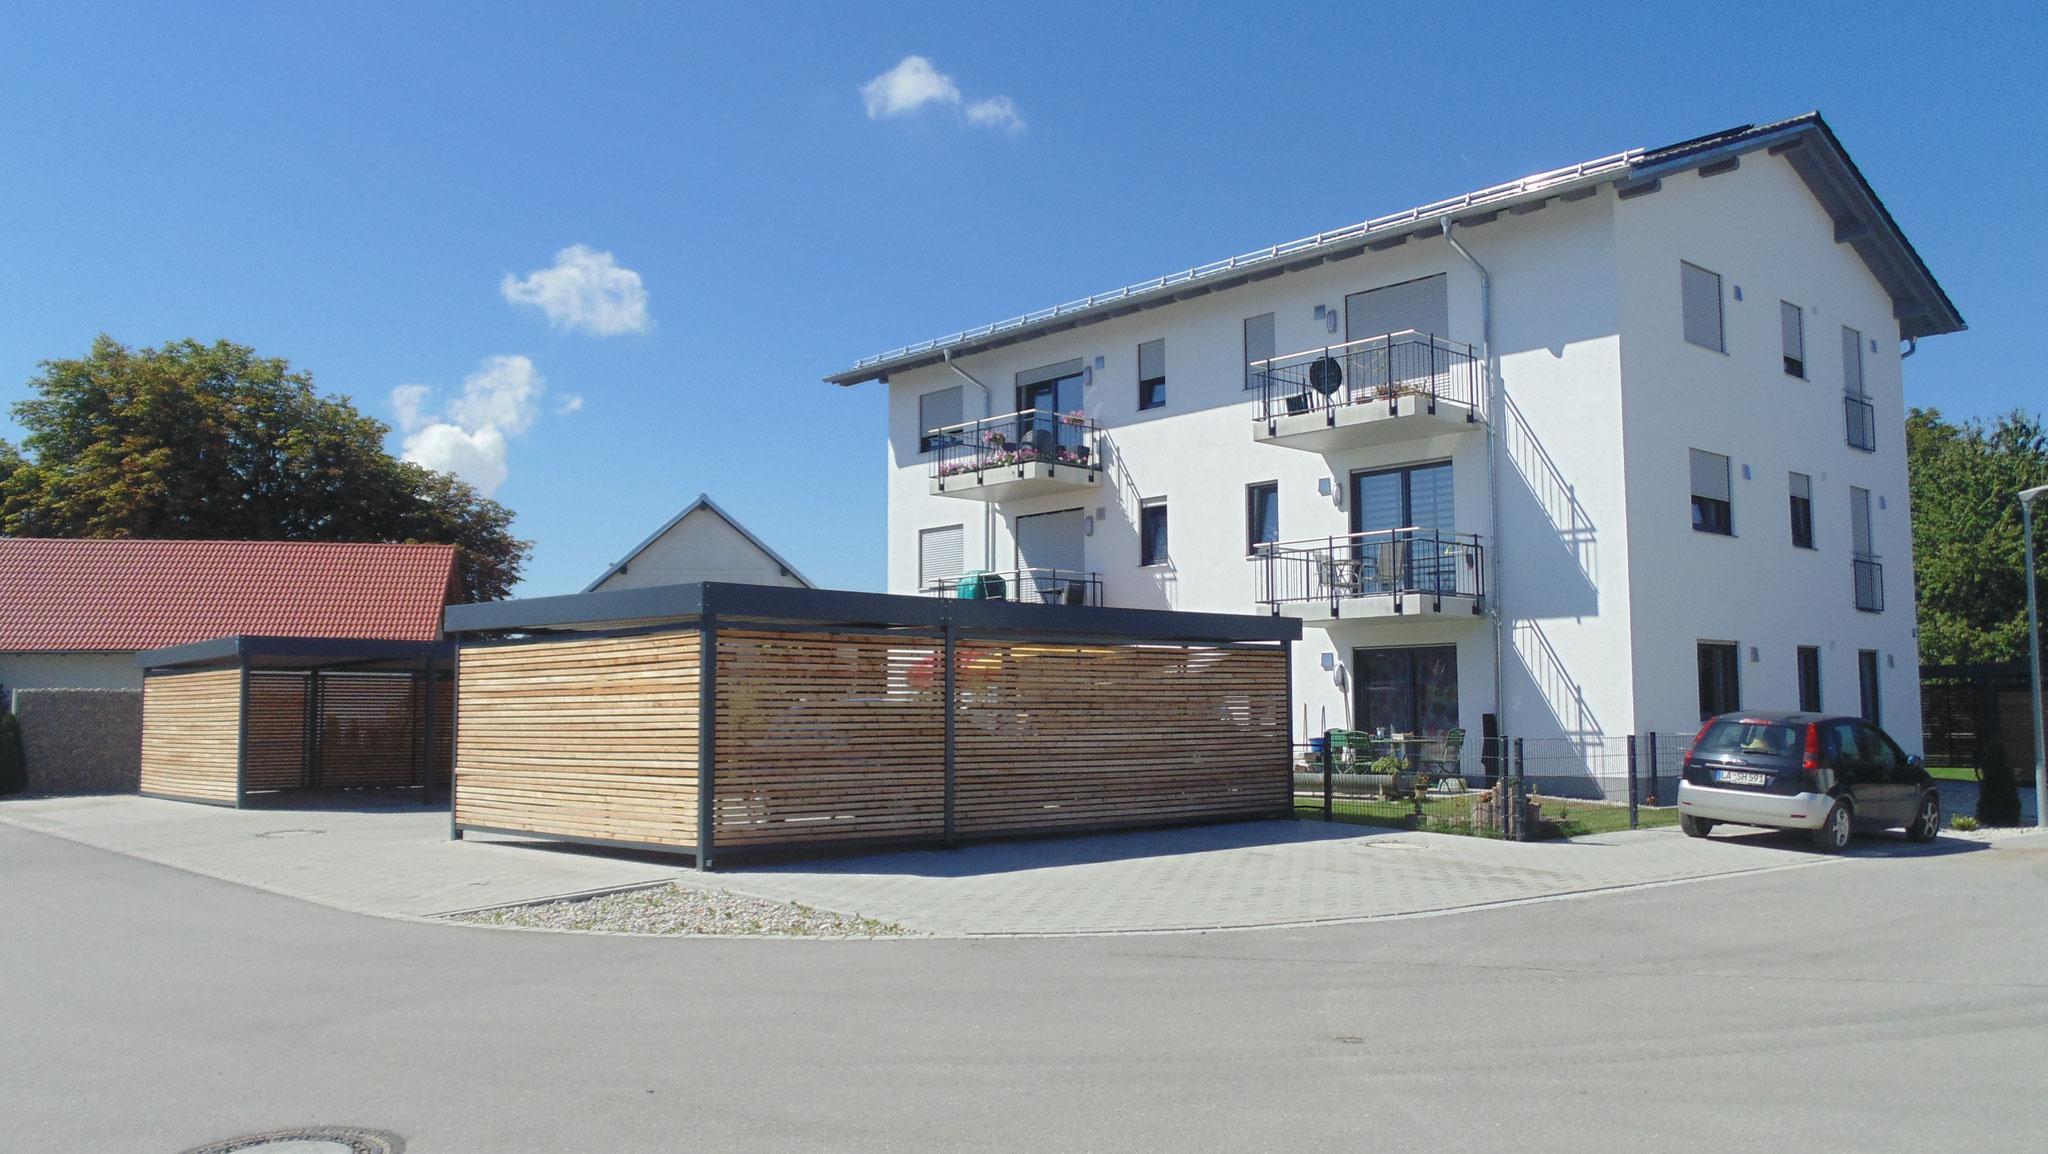 Neubau von 2 Mehrfamilienwohnhäusern mit 6 Wohneinheiten, Niederaichbach 2016 - Gebäude 2